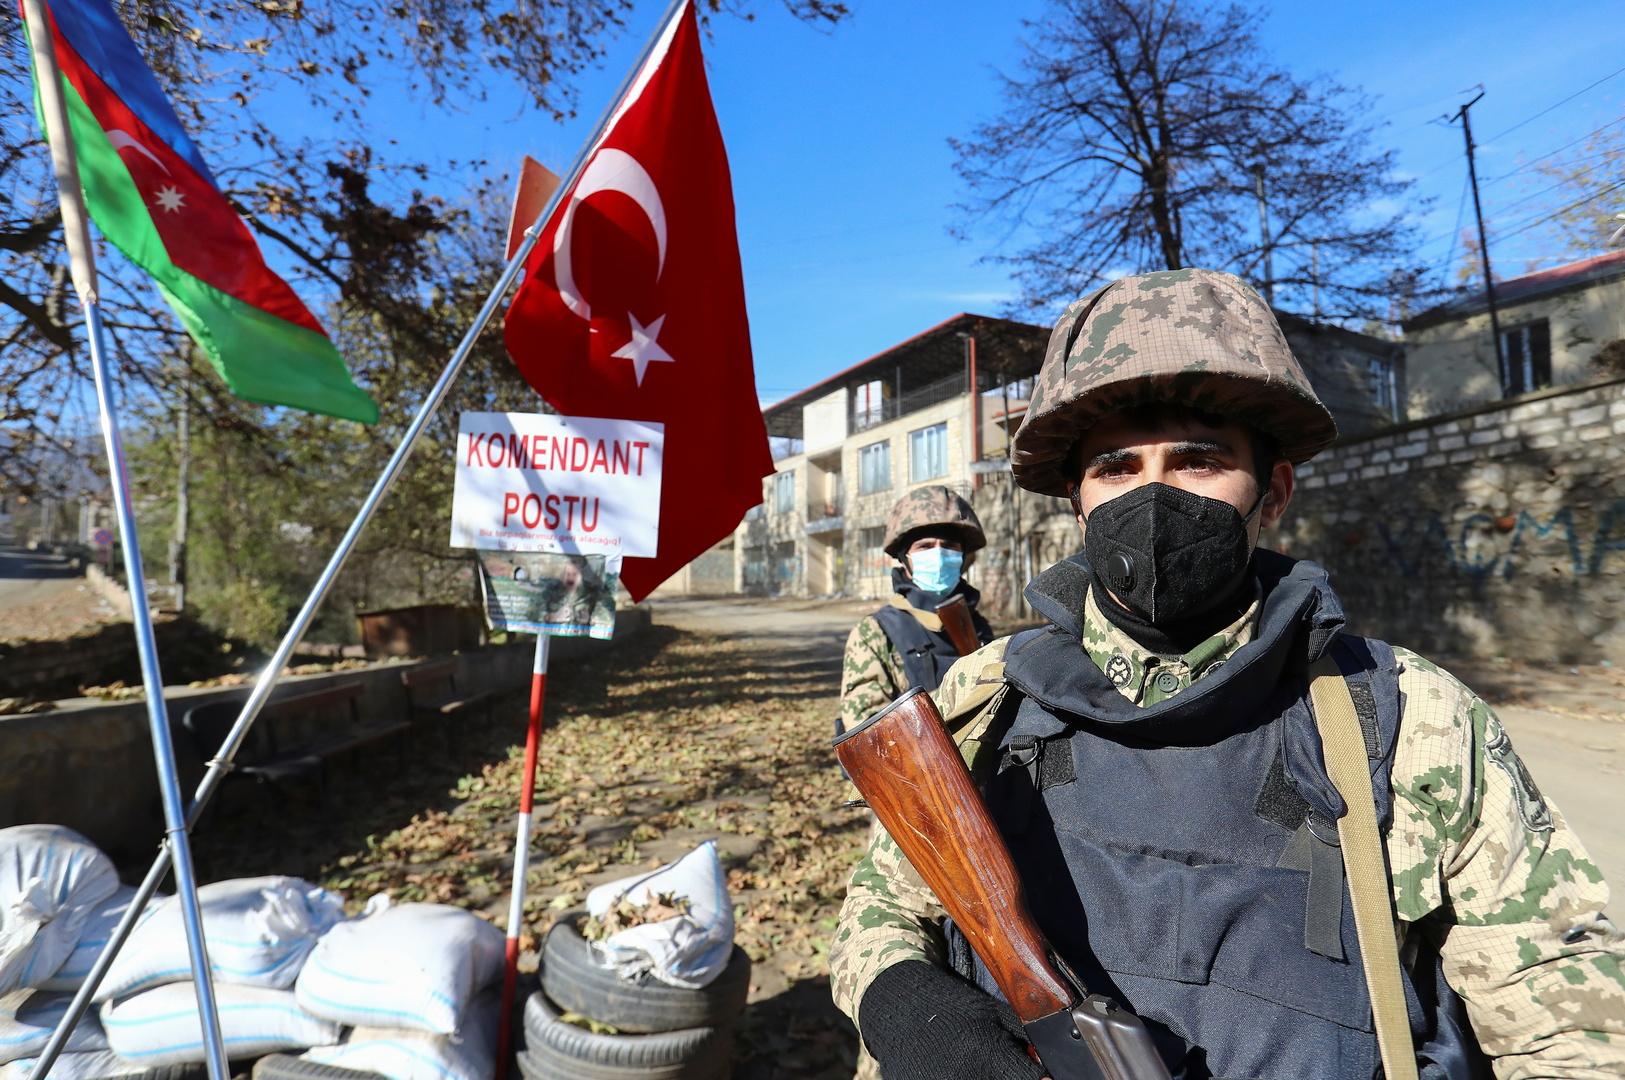 تركيا تُعلّم أذربيجان القتال: كيف تغير ميزان القوى في قره باغ؟